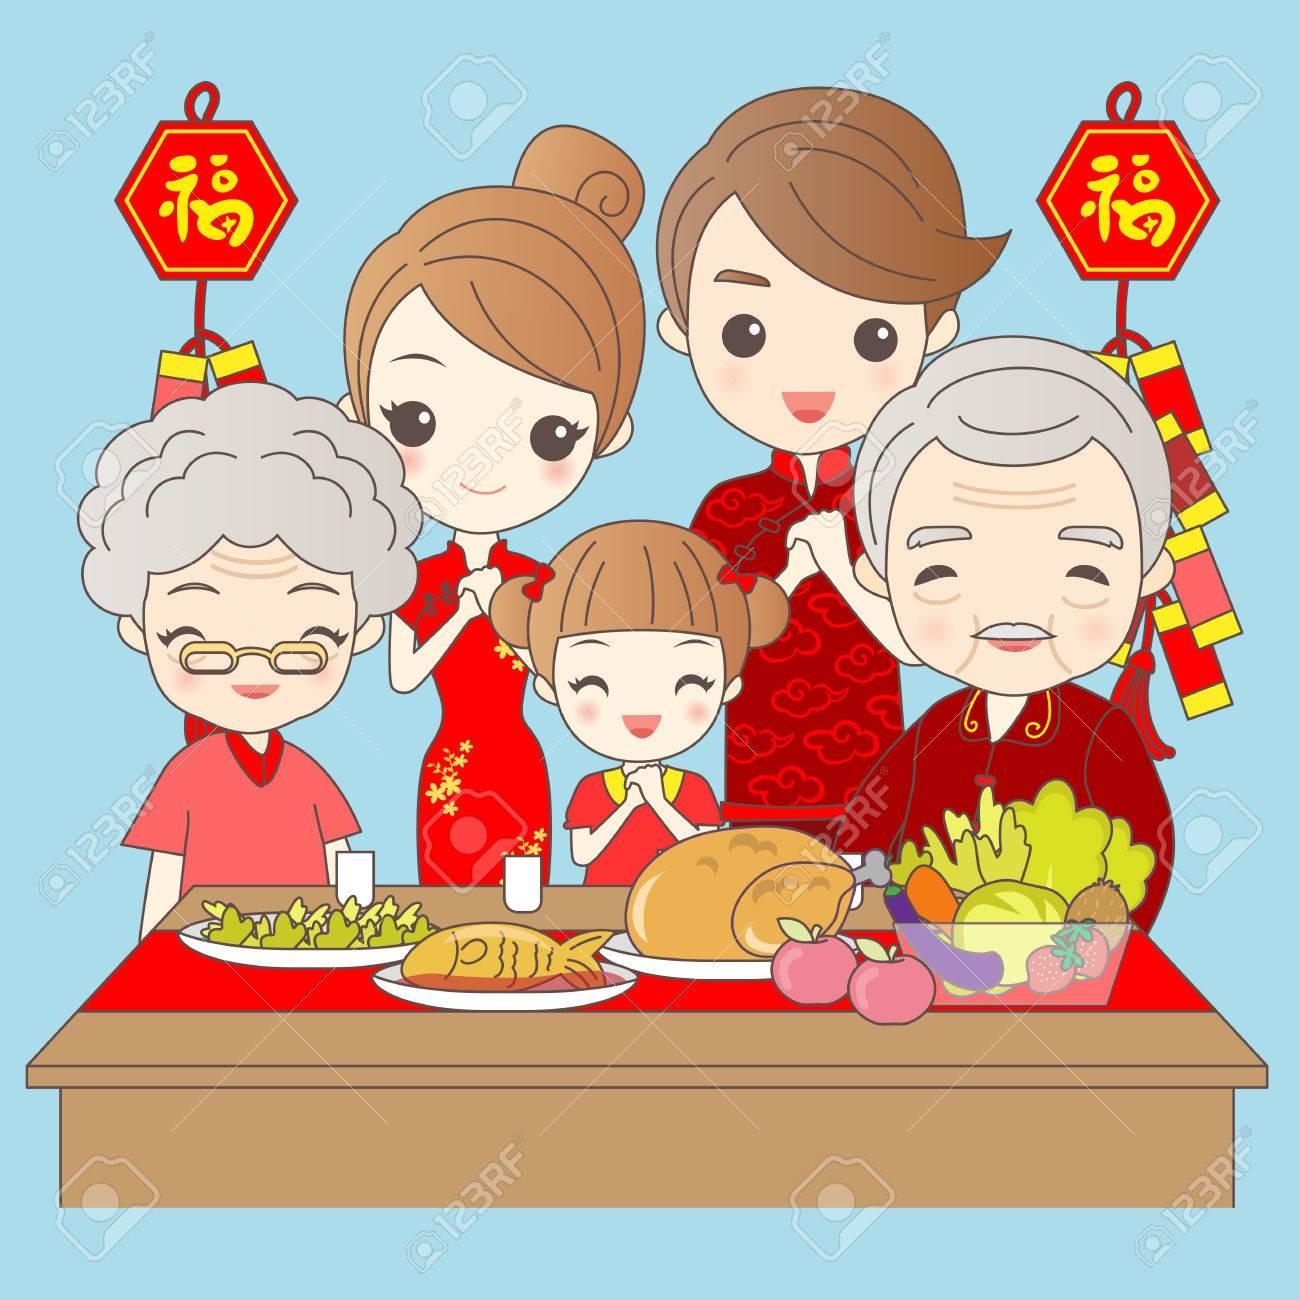 Glückliche Familie Wünscht, Dass Sie Ein Glückliches Neues Jahr ...